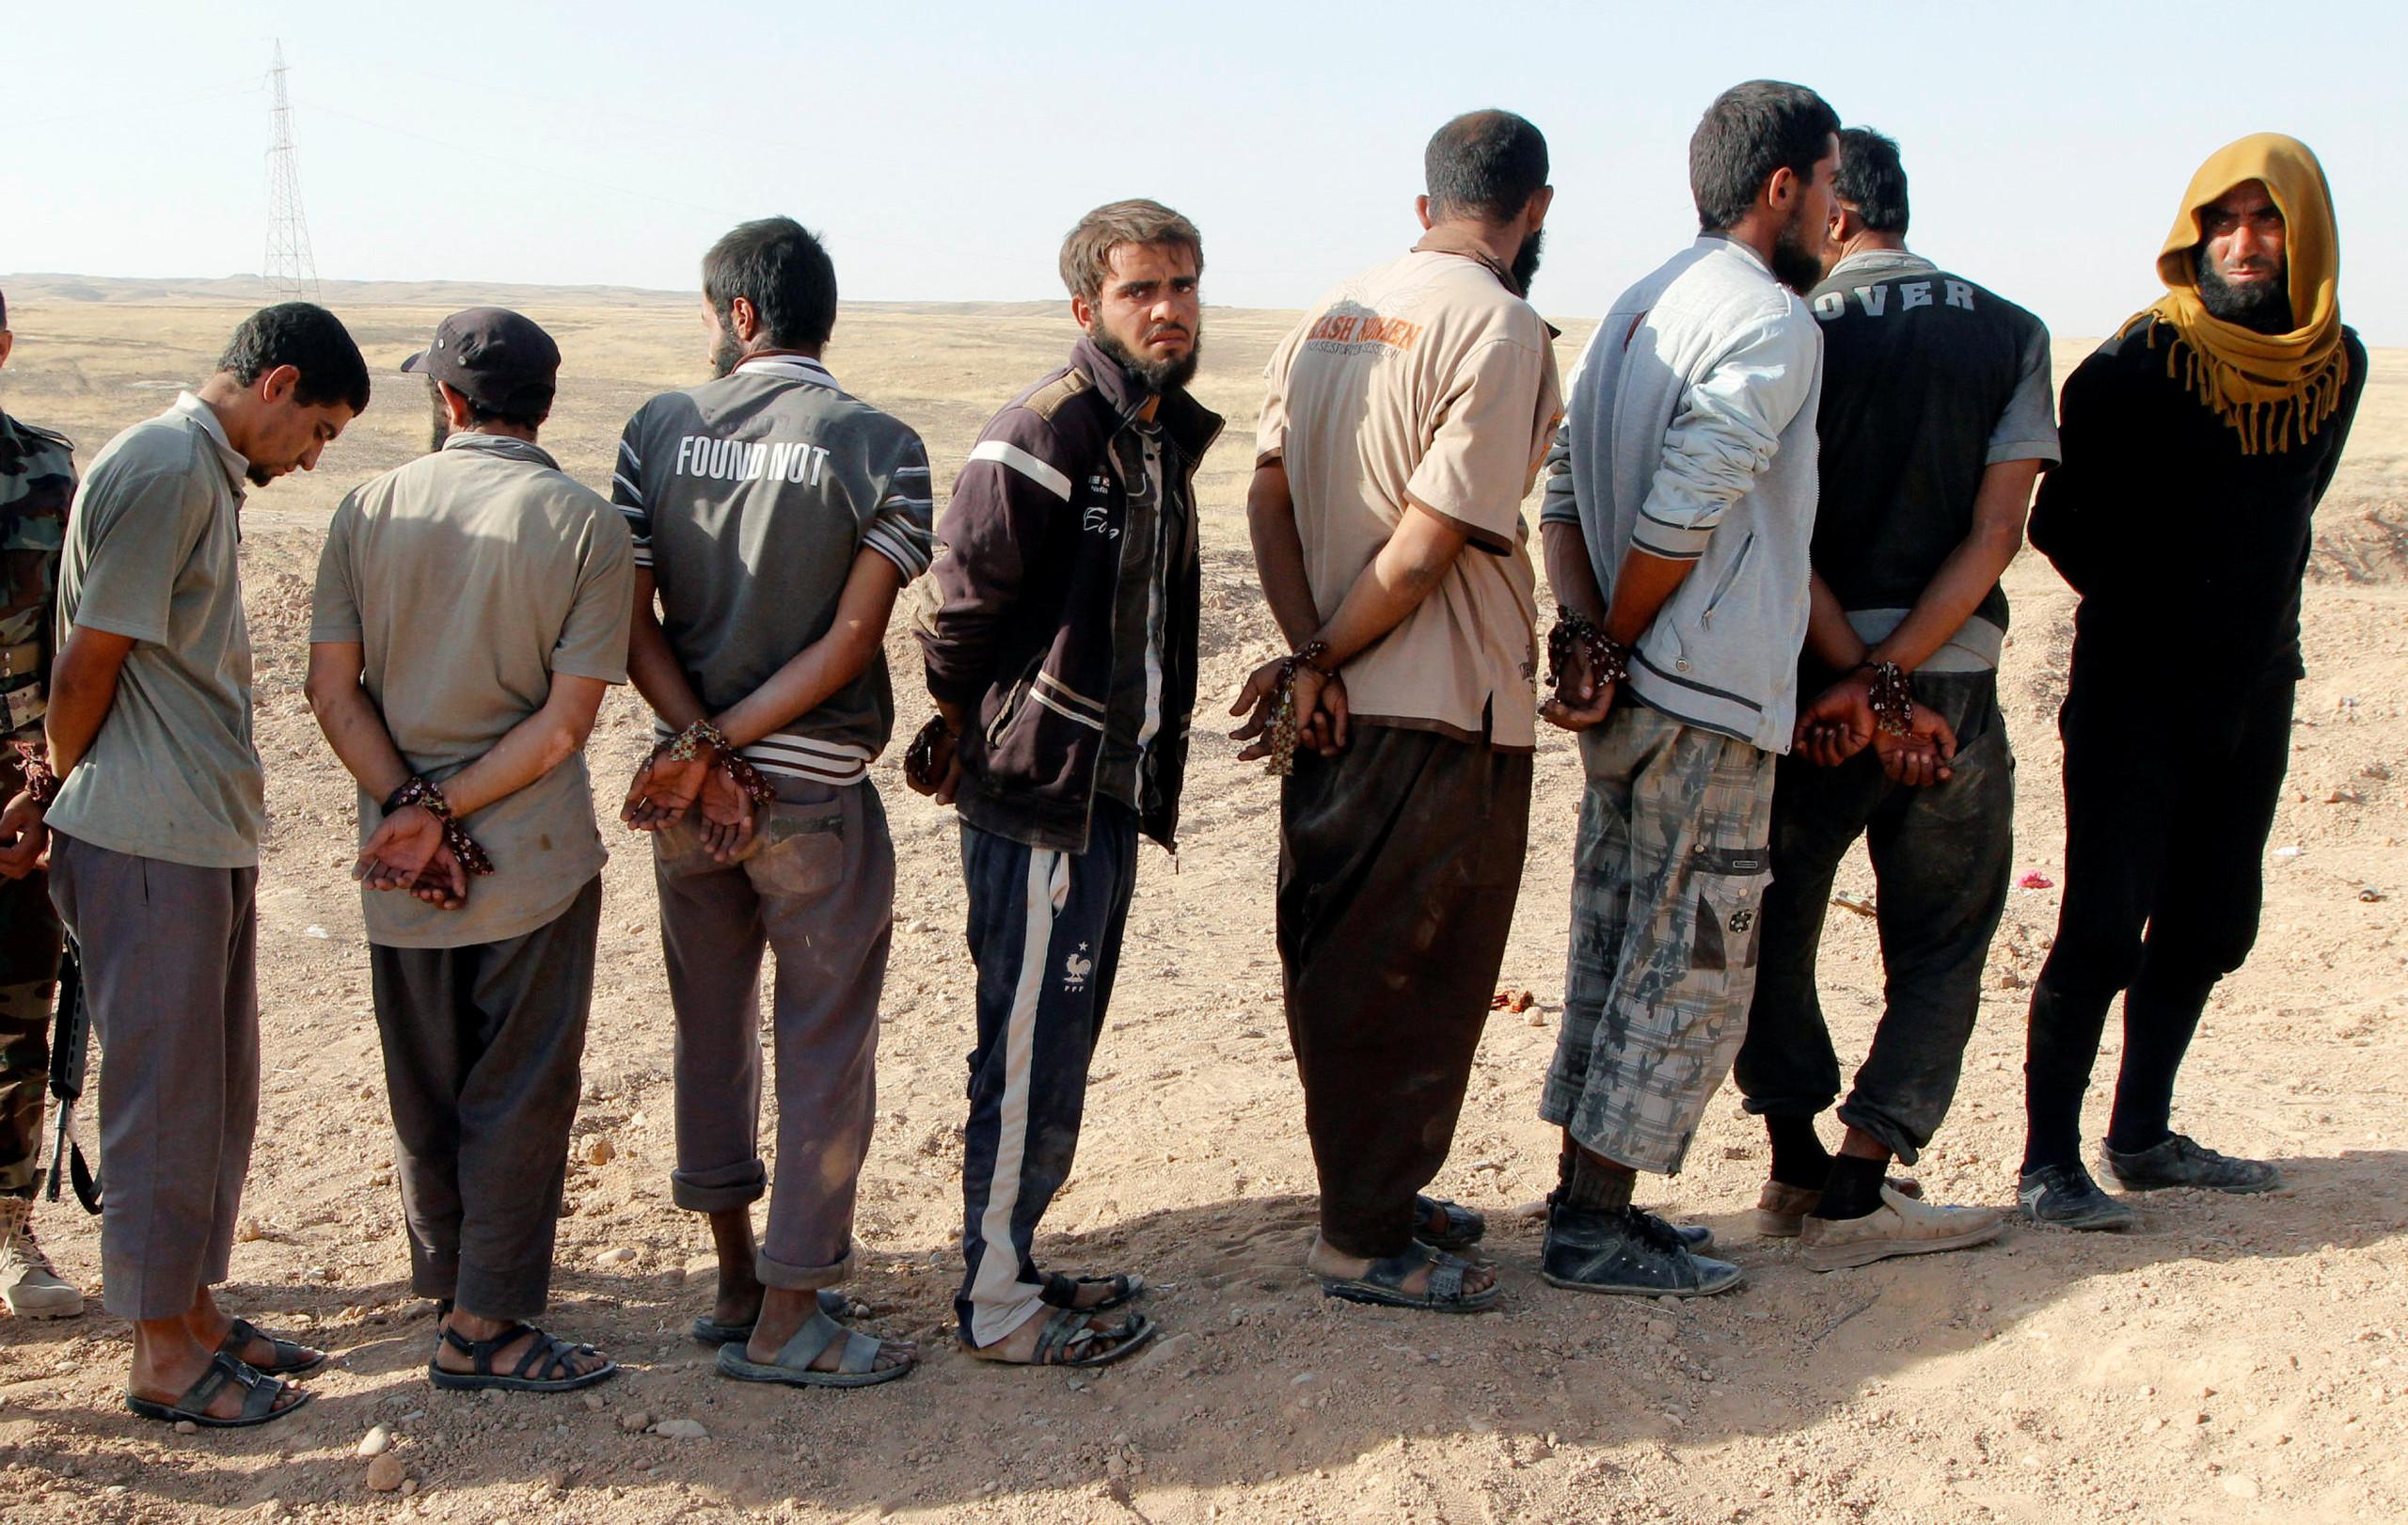 داعشیهای گرفتار شده در اسارت نیروهای پیشمرگه